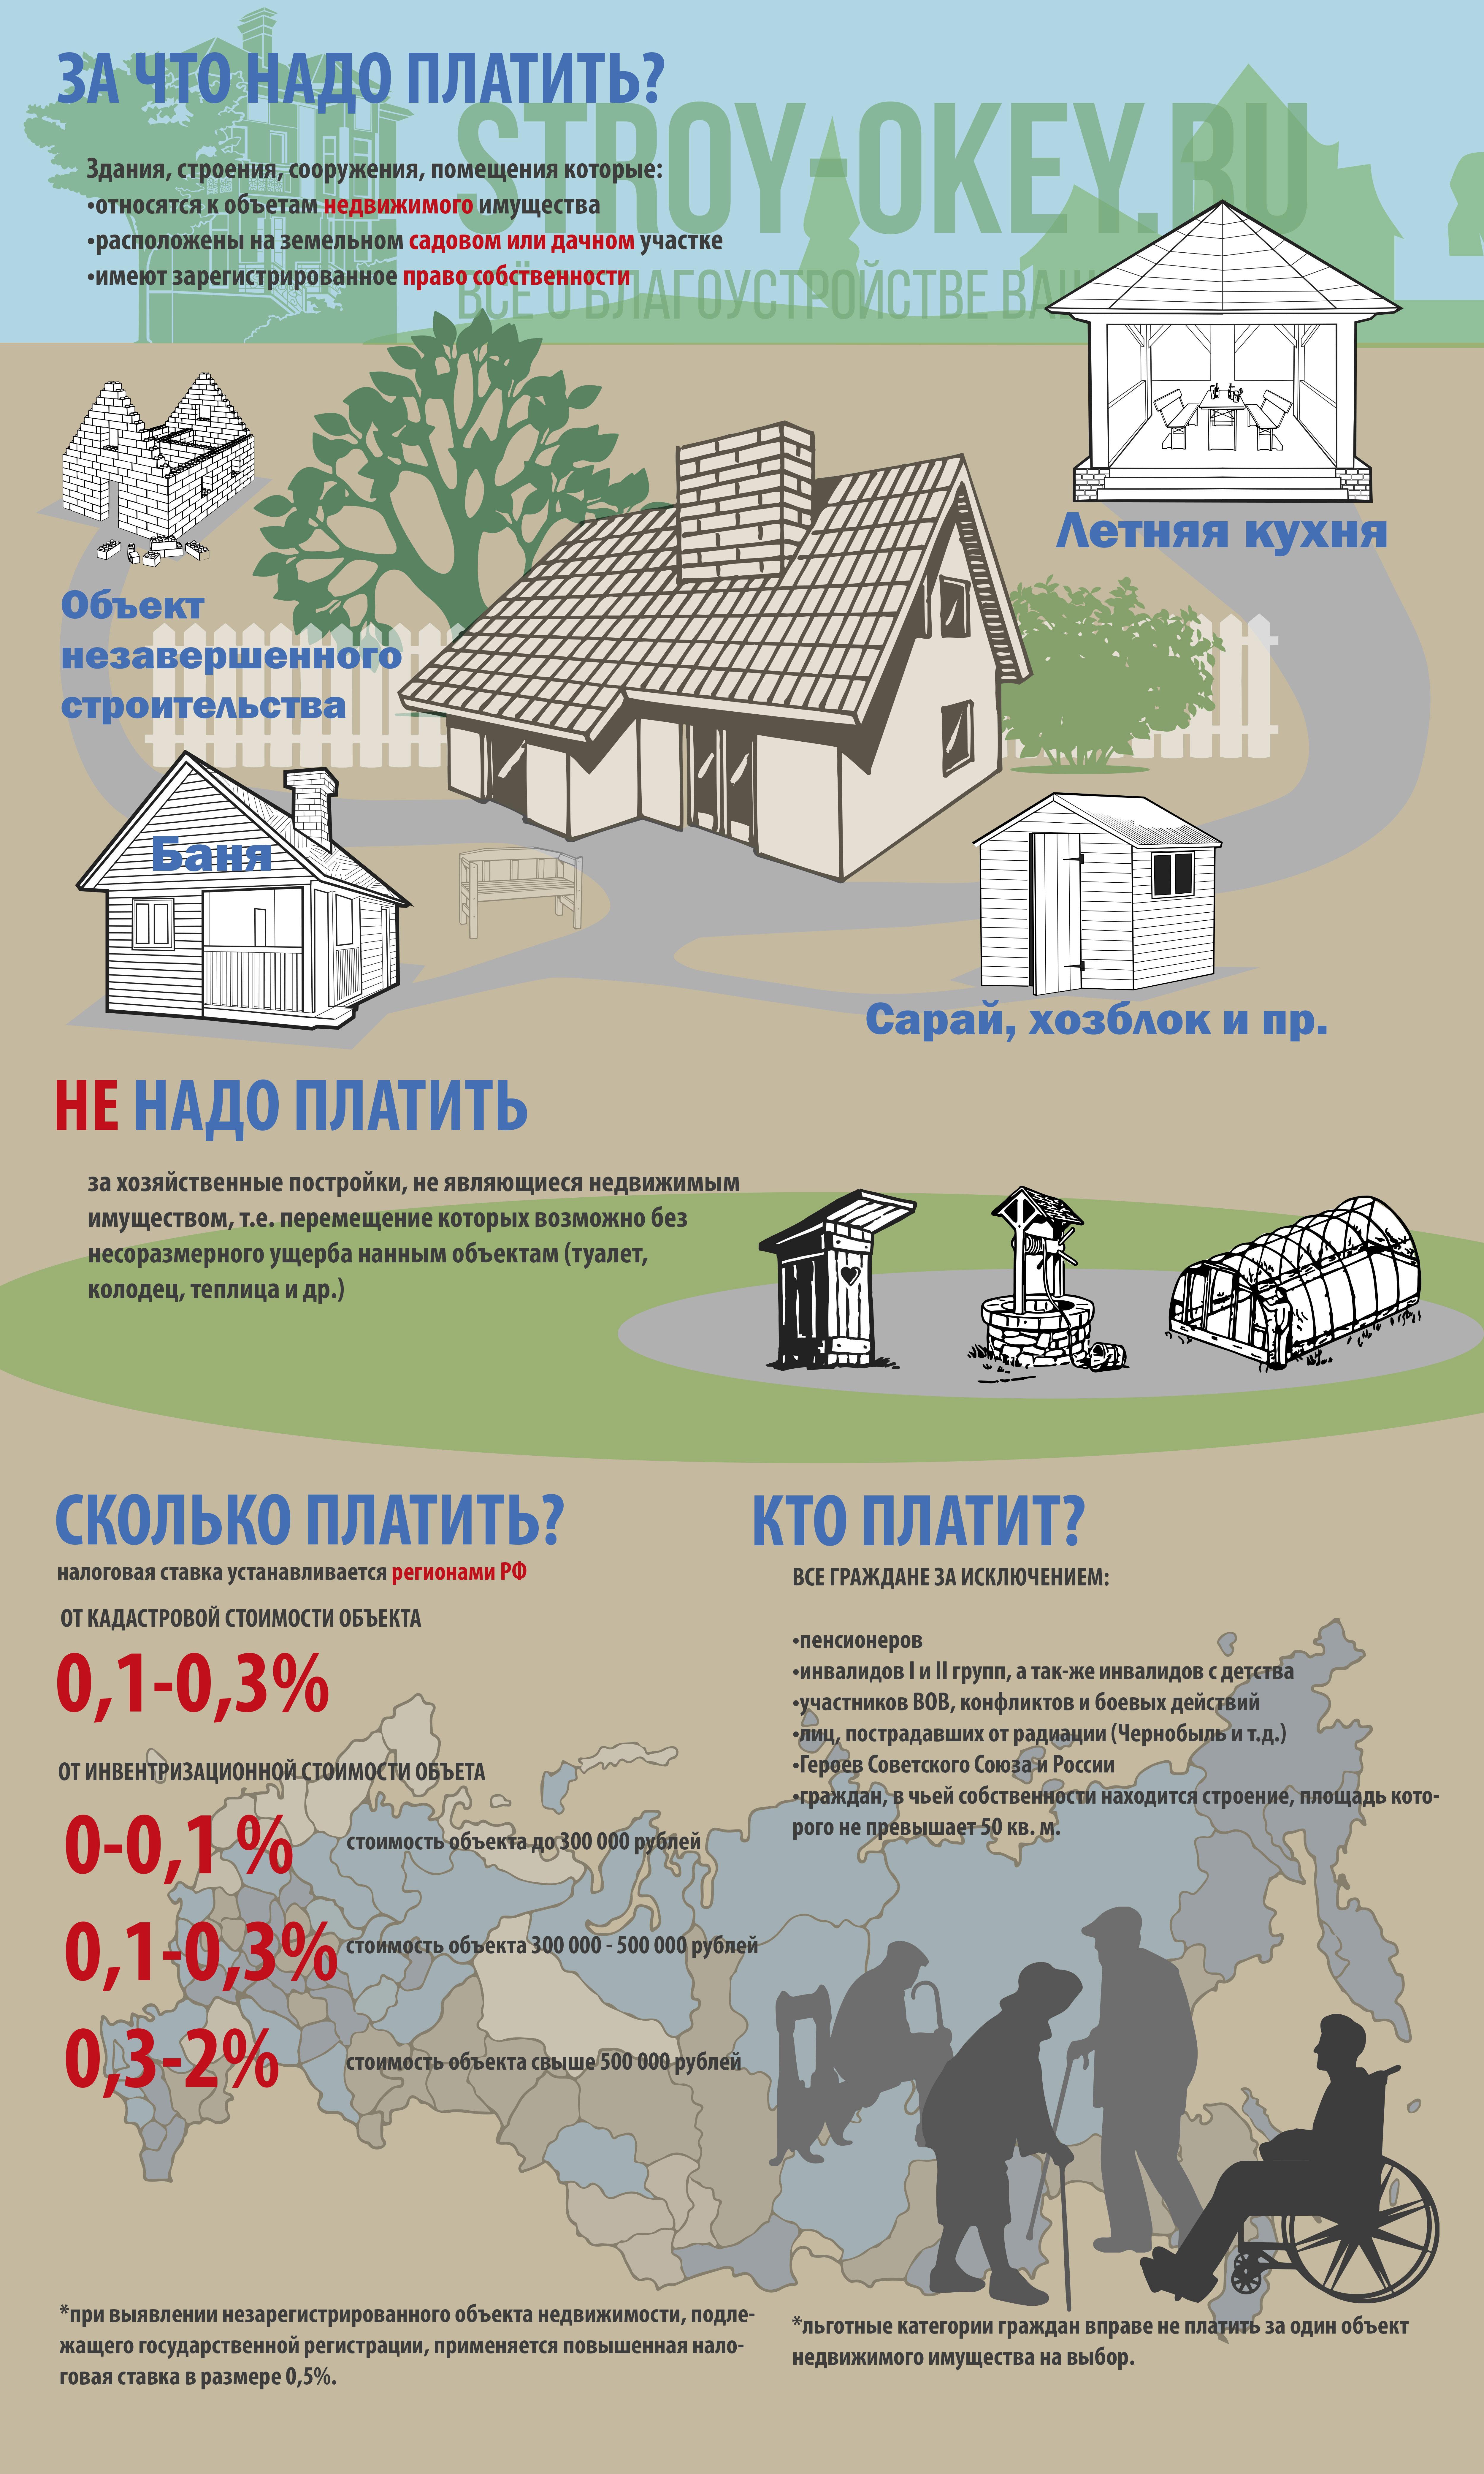 Инфографика: налог на дачные постройки в 2018 году